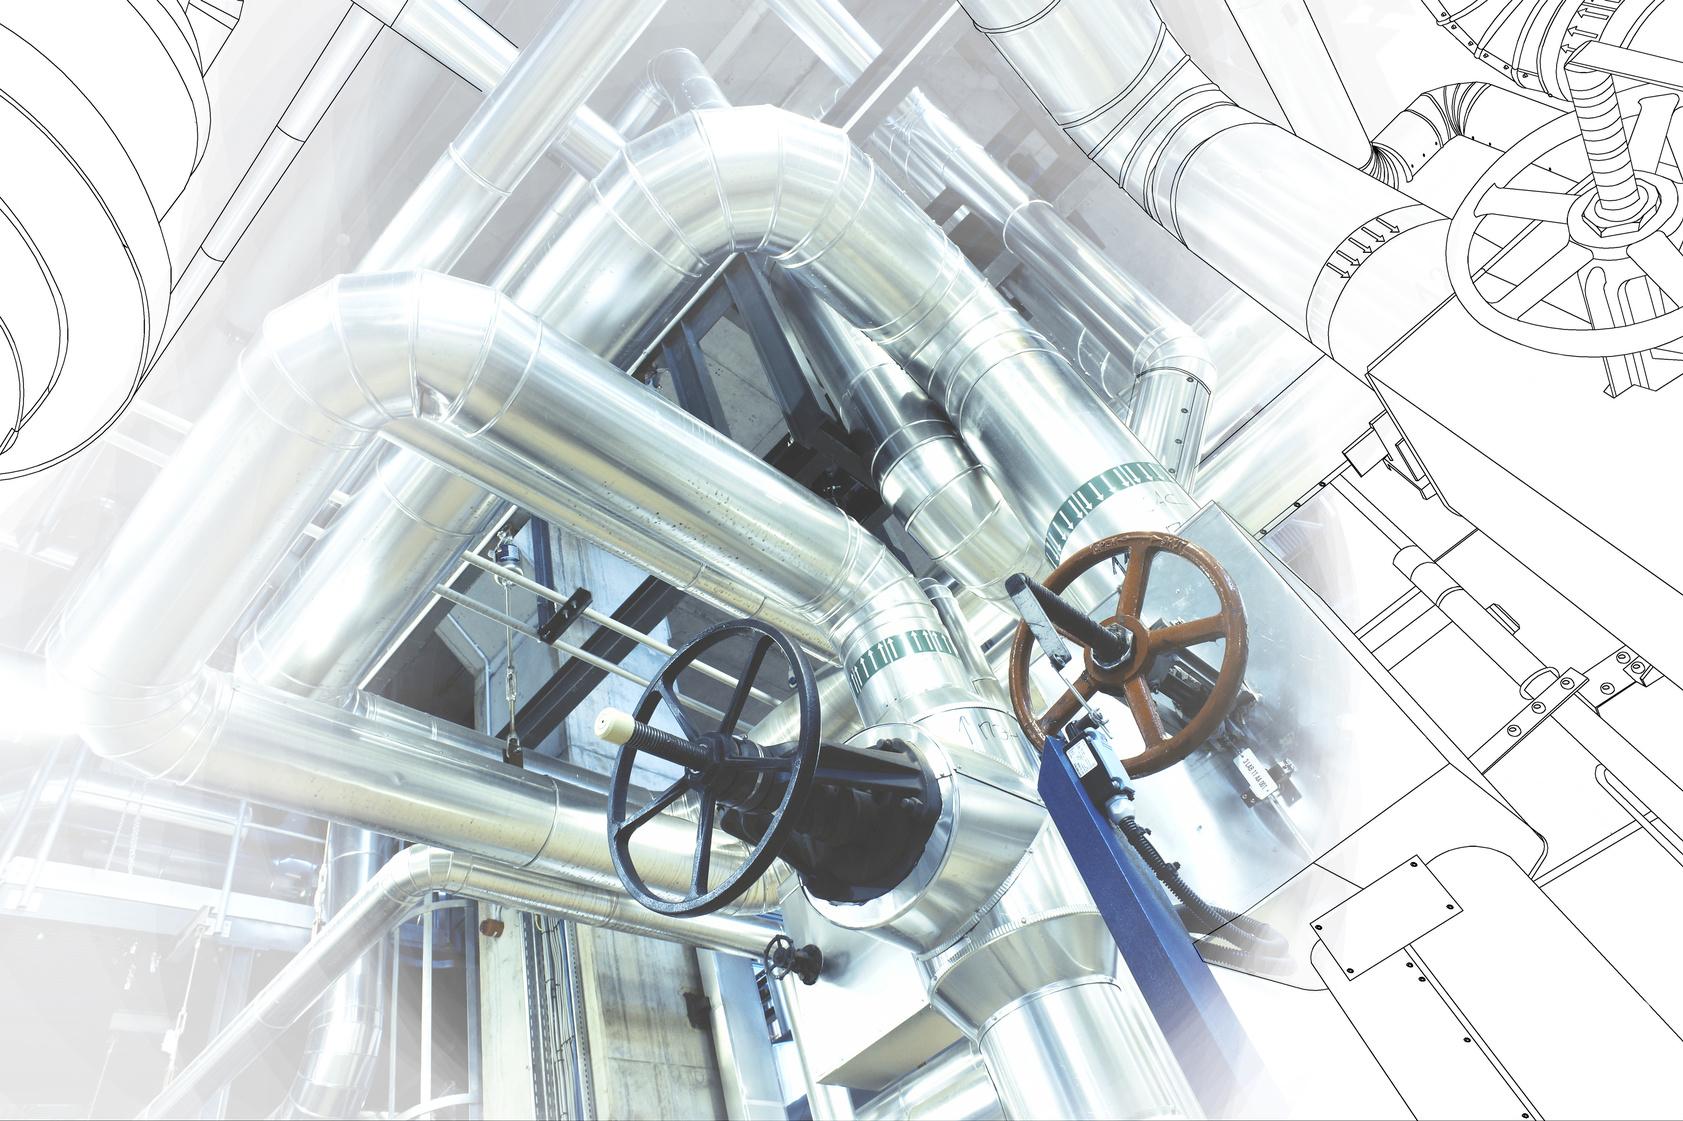 Diseño industrial Equipos y Procesos, transporte neumático